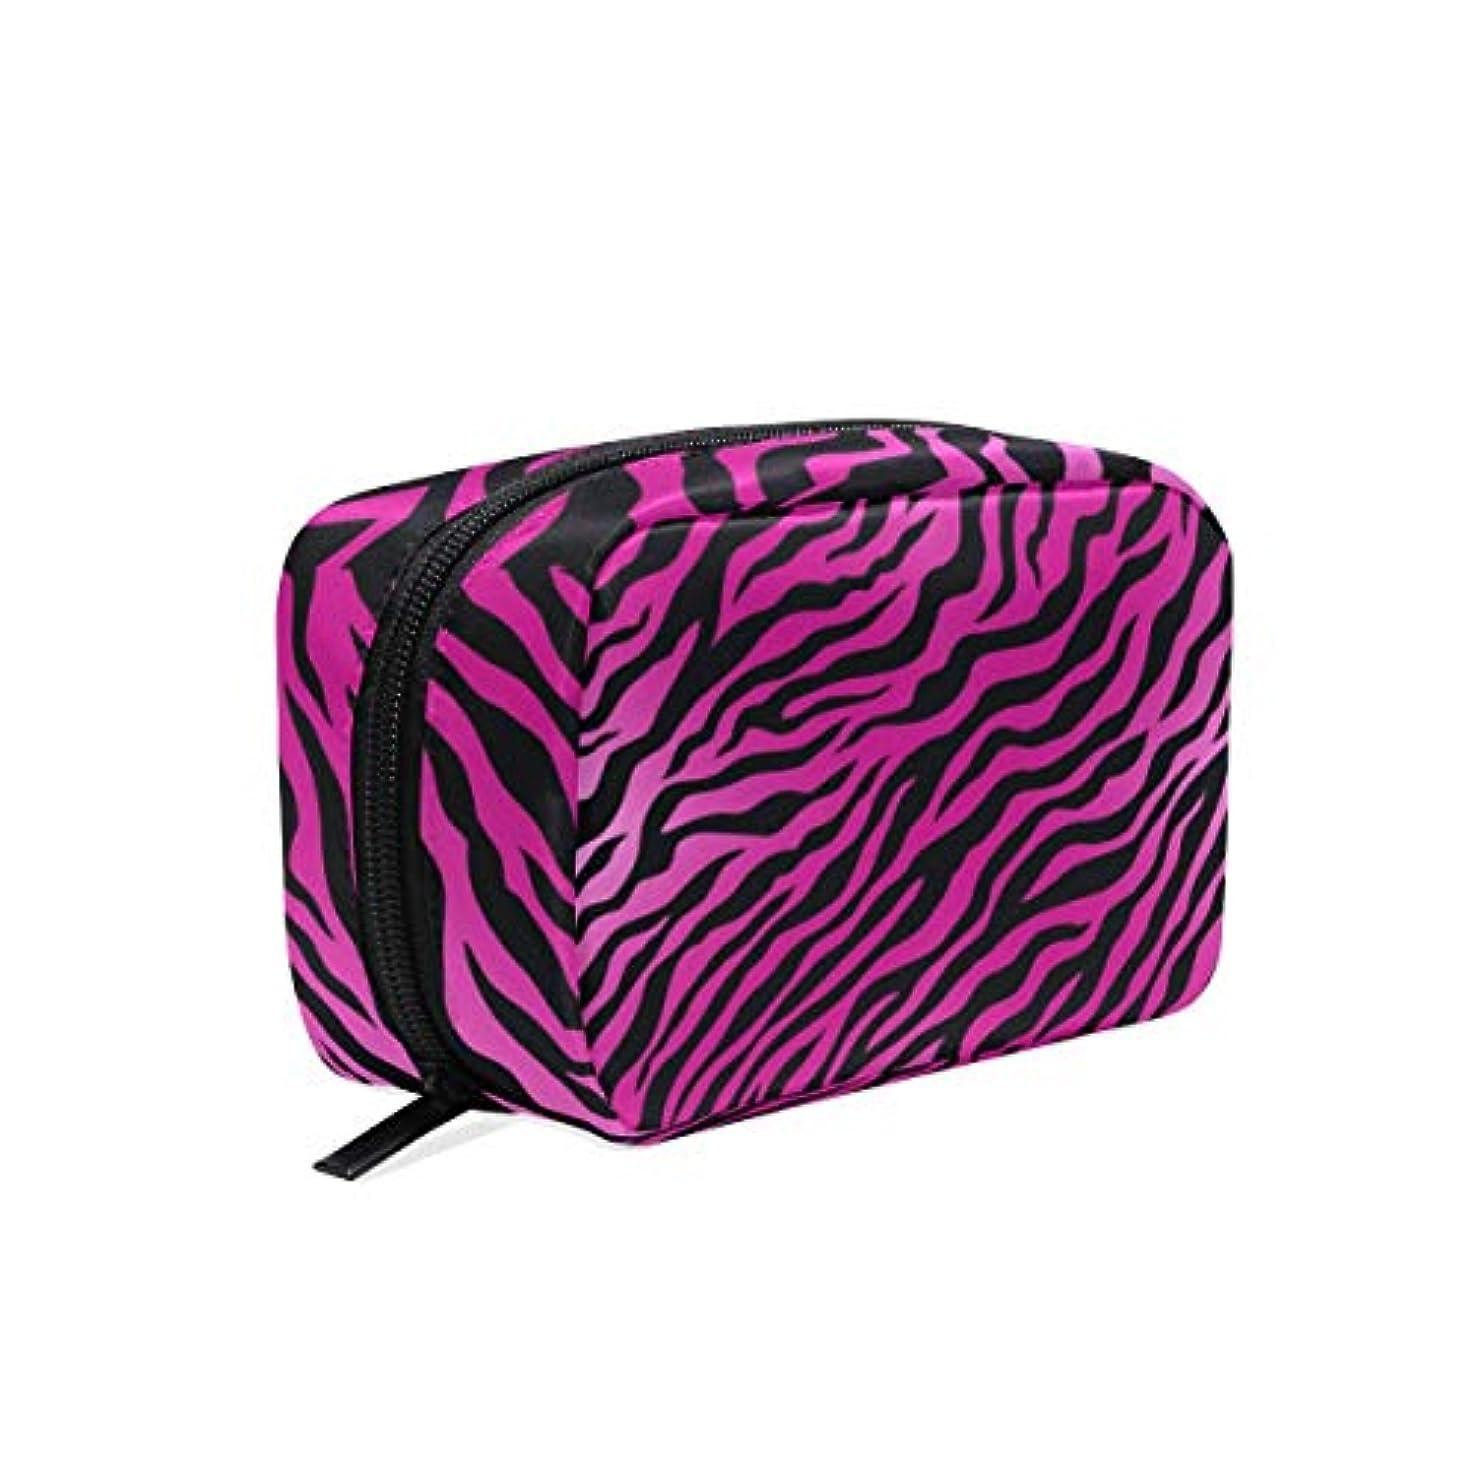 感謝する不適封筒(VAWA) メイクポーチ 大容量 可愛い ピンク ゼブラ柄 化粧ポーチ コンパクト 機能 おしゃれ 携帯用 コスメ収納 仕切り ミニポーチ バニティーケース 洗面道具